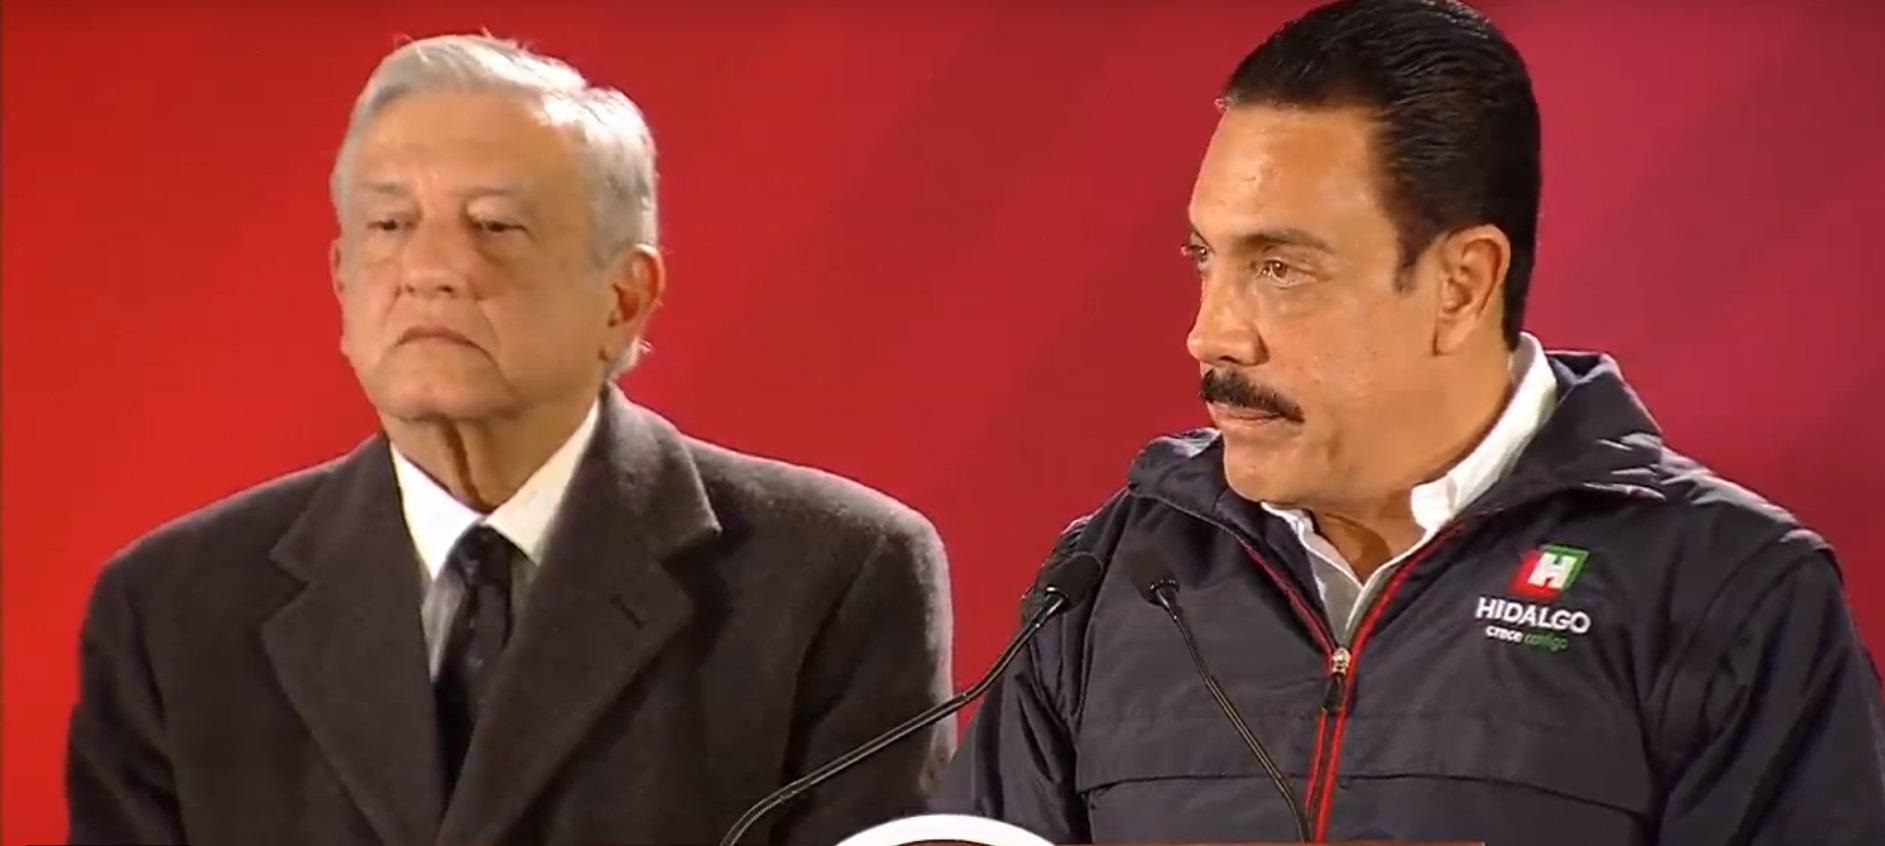 El presidente Andrés Manuel López Obrador y el gobernador de Hidalgo, Omar Fayad (Foto: Captura de Pantalla)